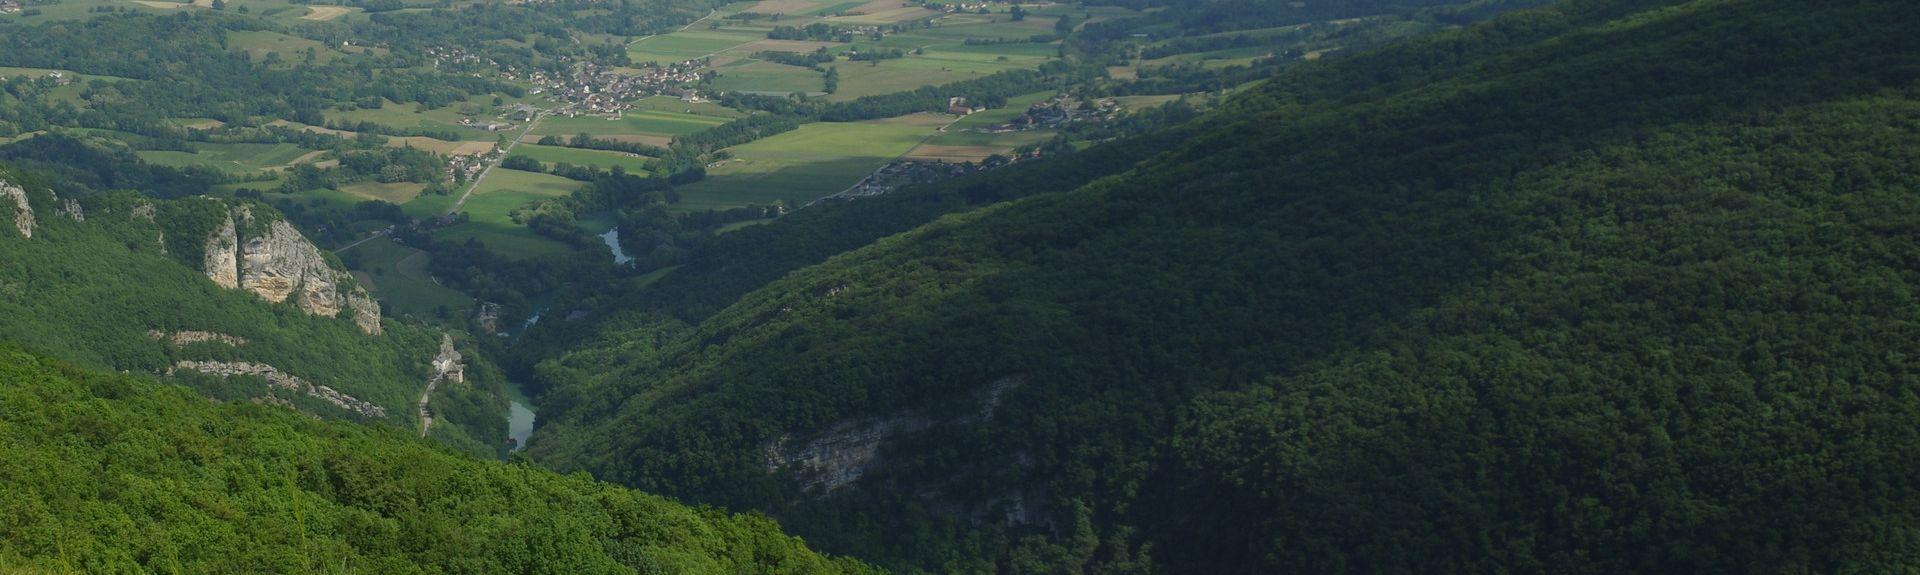 Cran-Gevrier, Annecy, Haute-Savoie (département), France